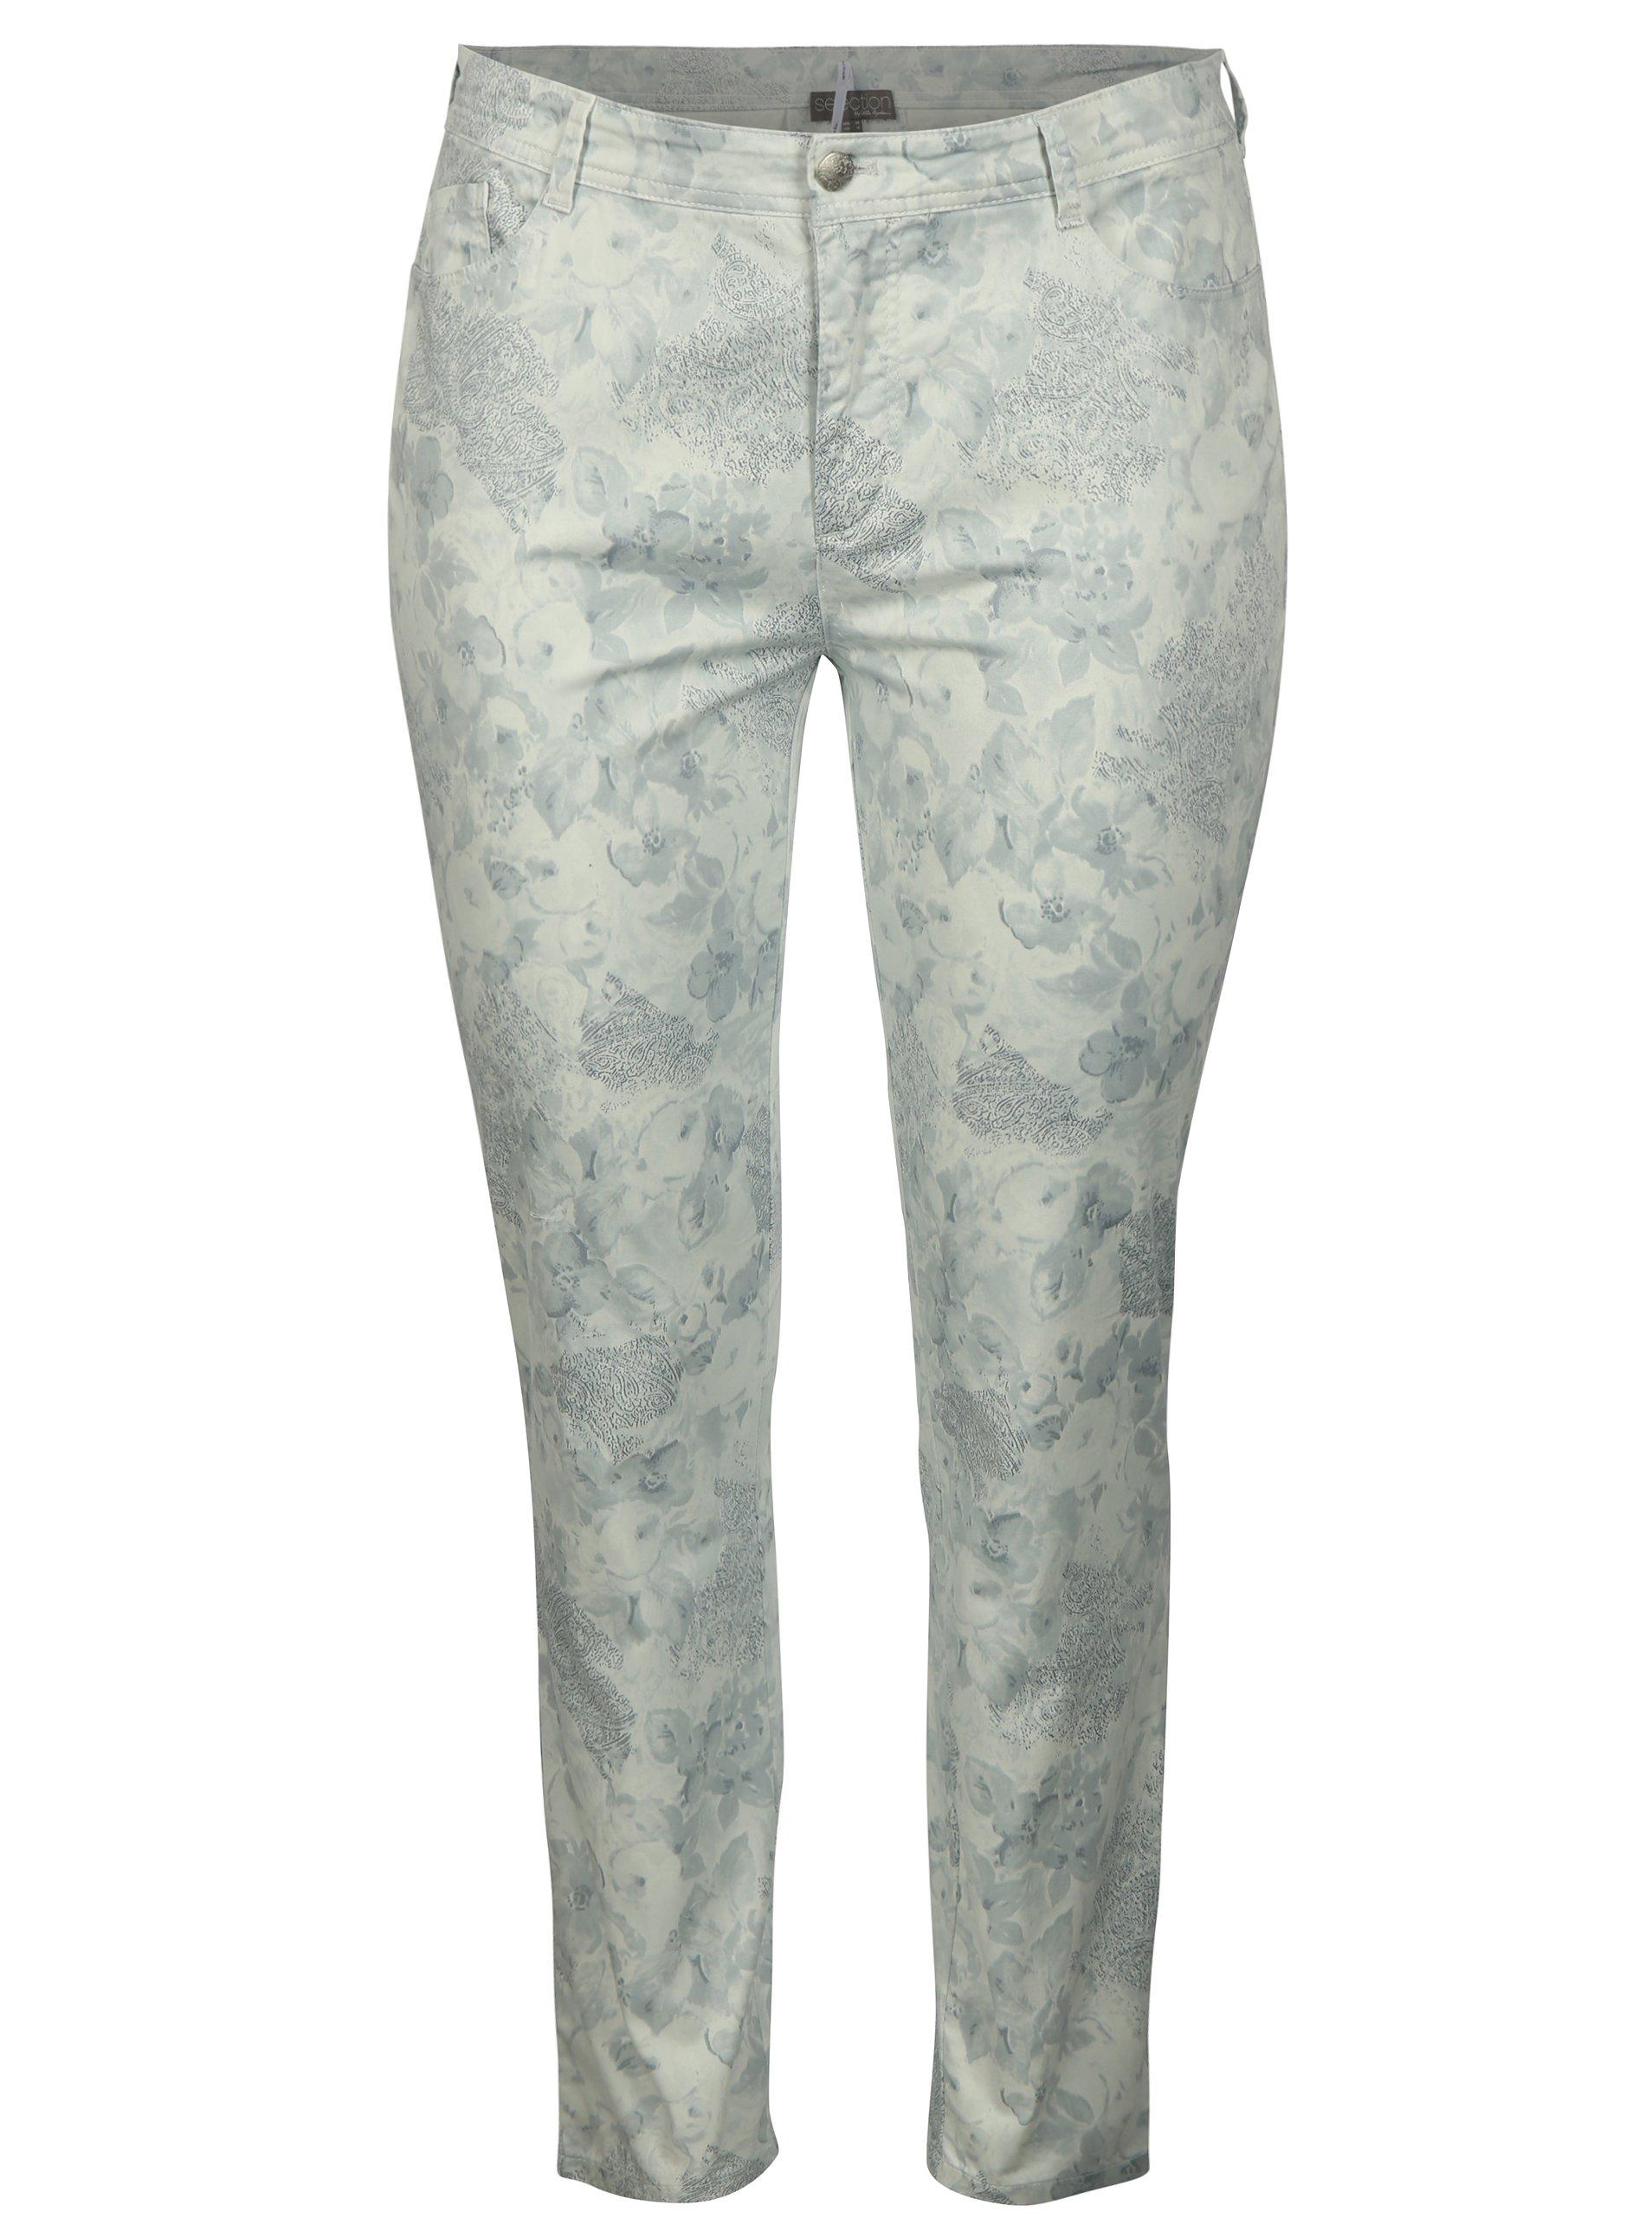 38f49c18c6be Svetlosivé vzorované nohavice Ulla Popken